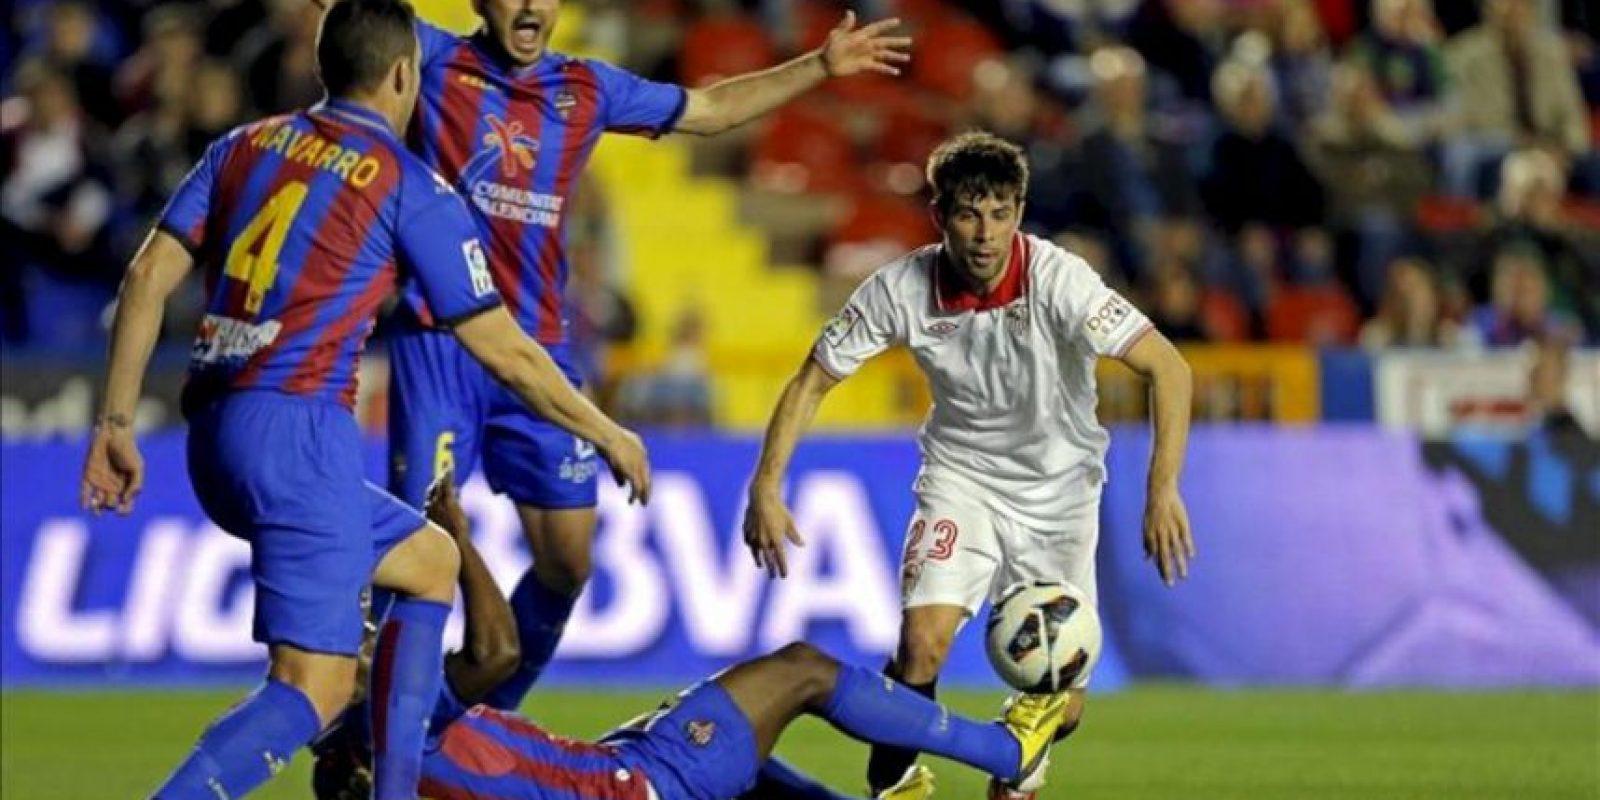 """El defensa del Sevilla FC, Jorge Andujar """"Coke"""" (d), se lleva el balón ante los jugadores del Levante, durante el encuentro correspondiente a la jornada 29 de primera división. EFE"""